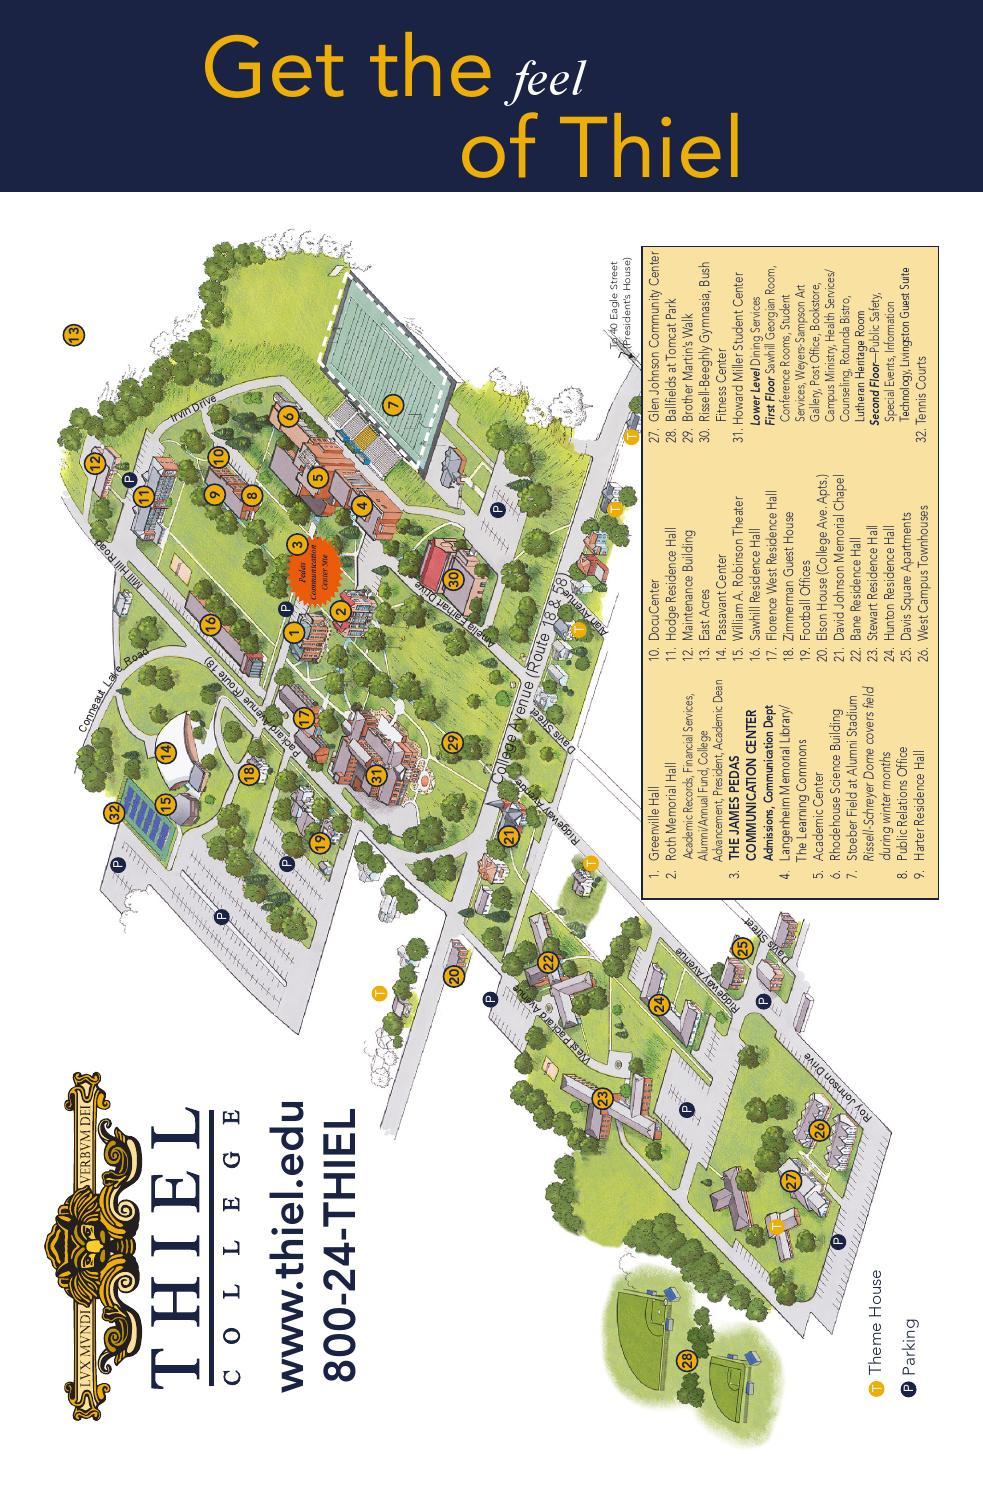 thiel college campus map Intl Viewbook By Thiel College Issuu